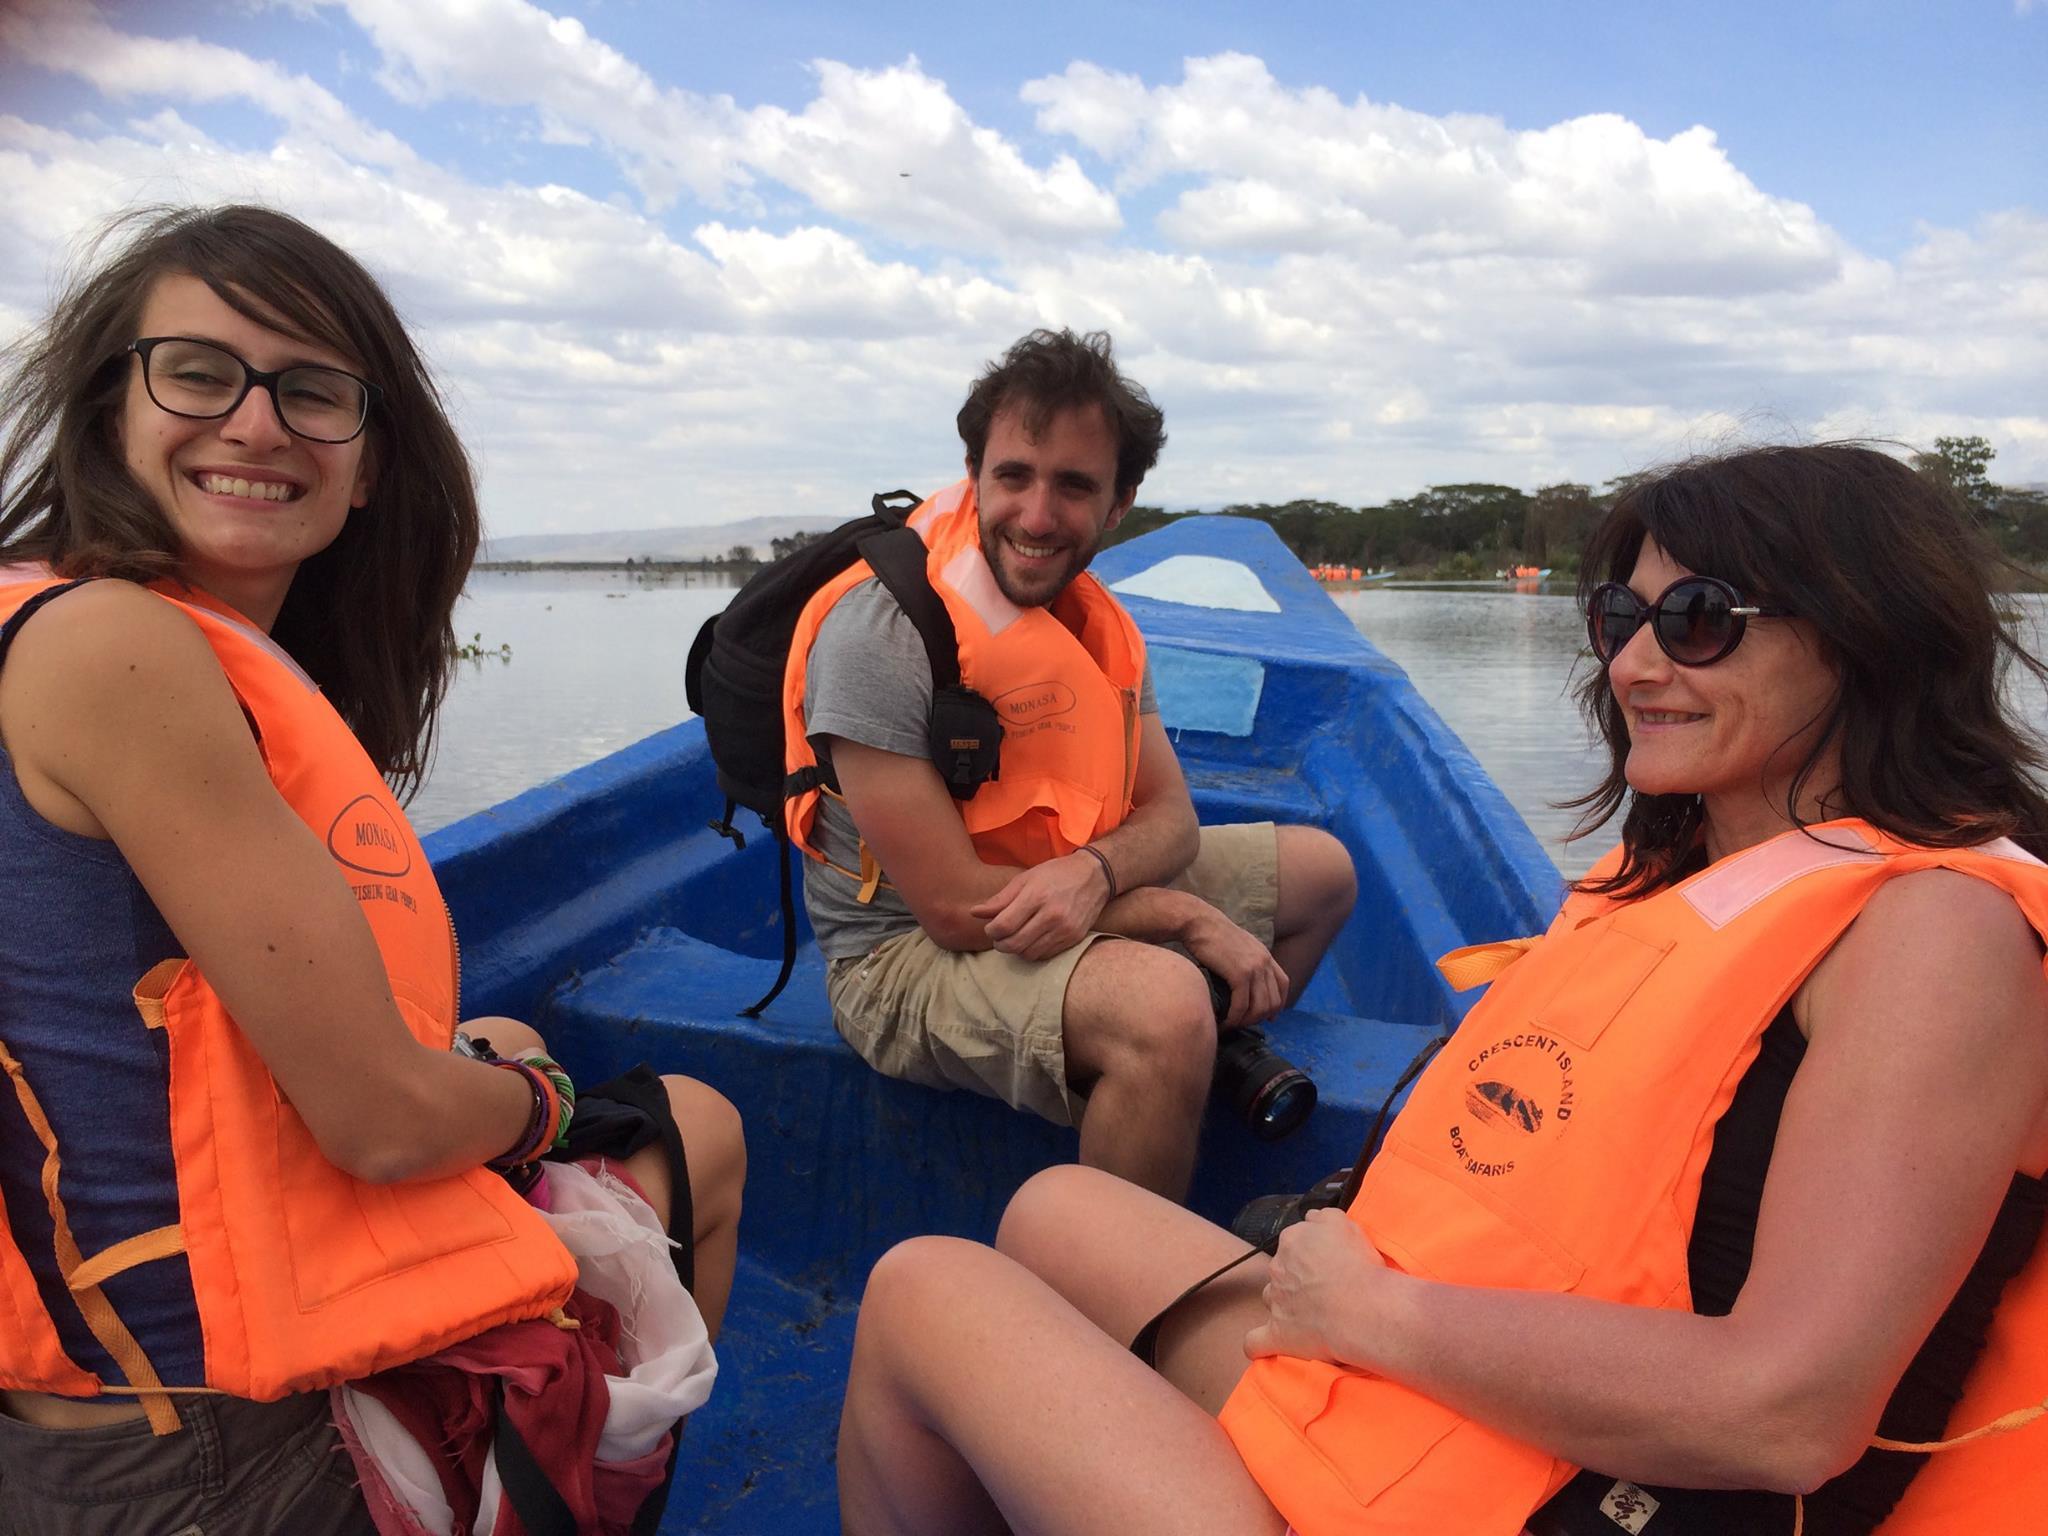 Sur le bateau avec Thibault et Florence